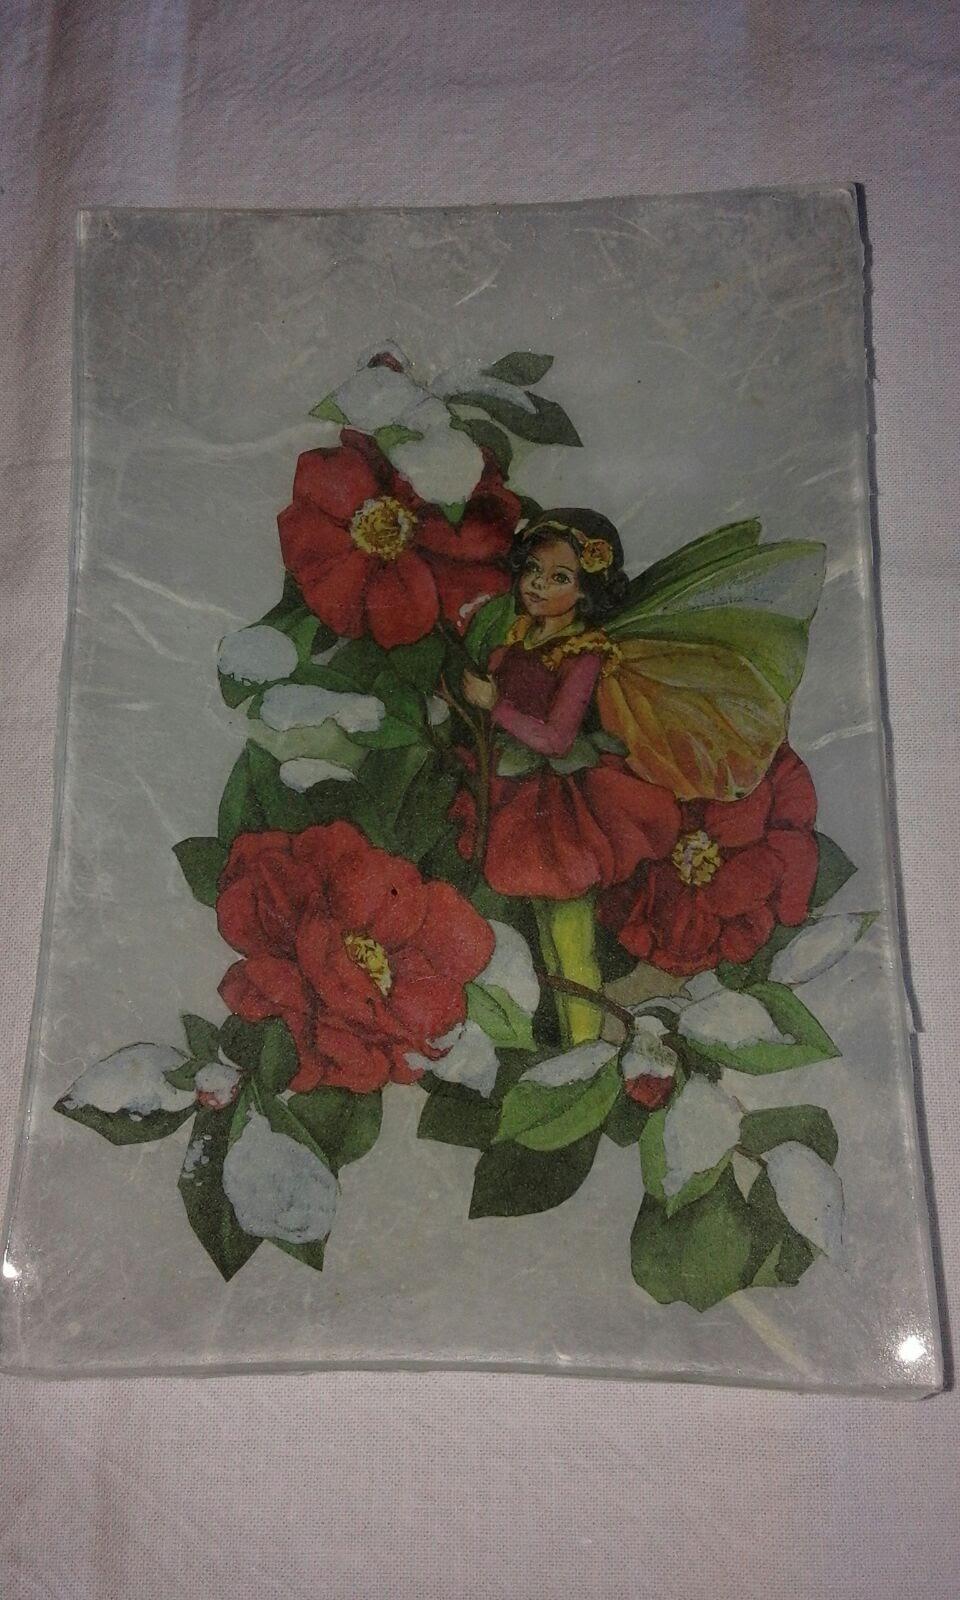 Bandeja de vidrio con tecnica de decoupage con composicion de flores